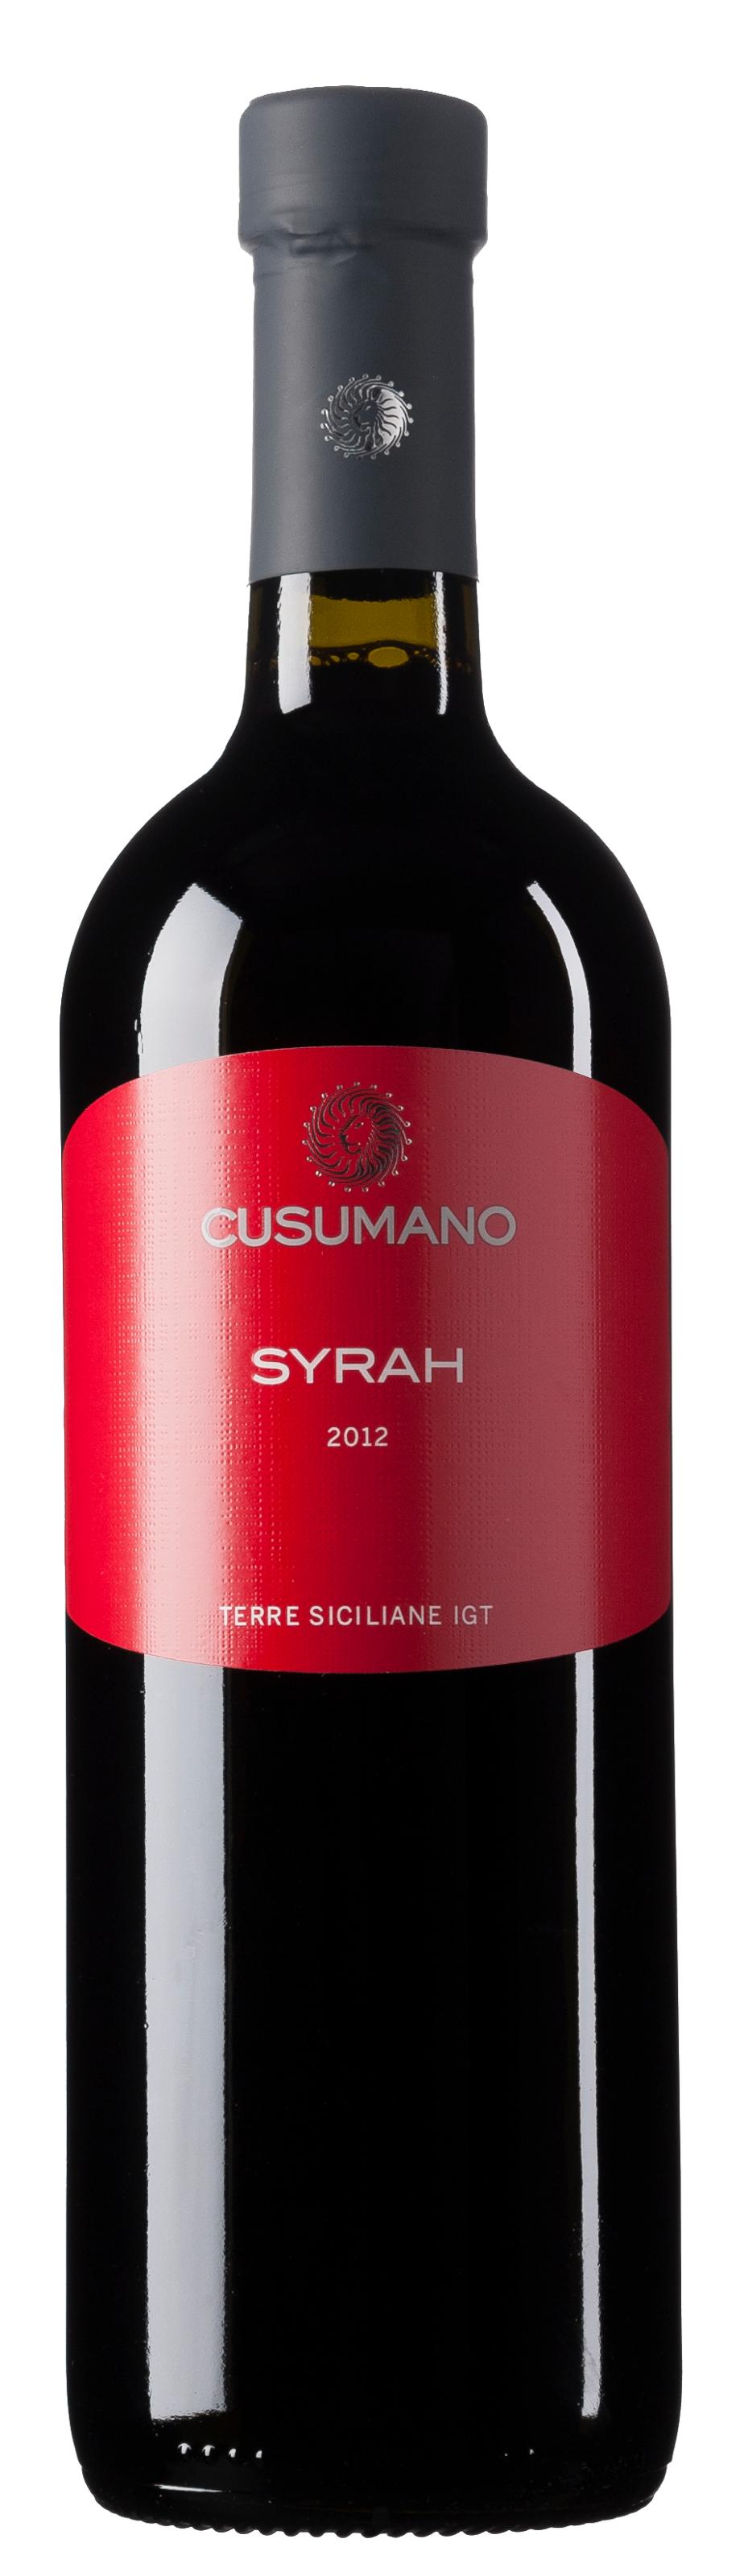 Vino bianco Syrah Terre Siciliane